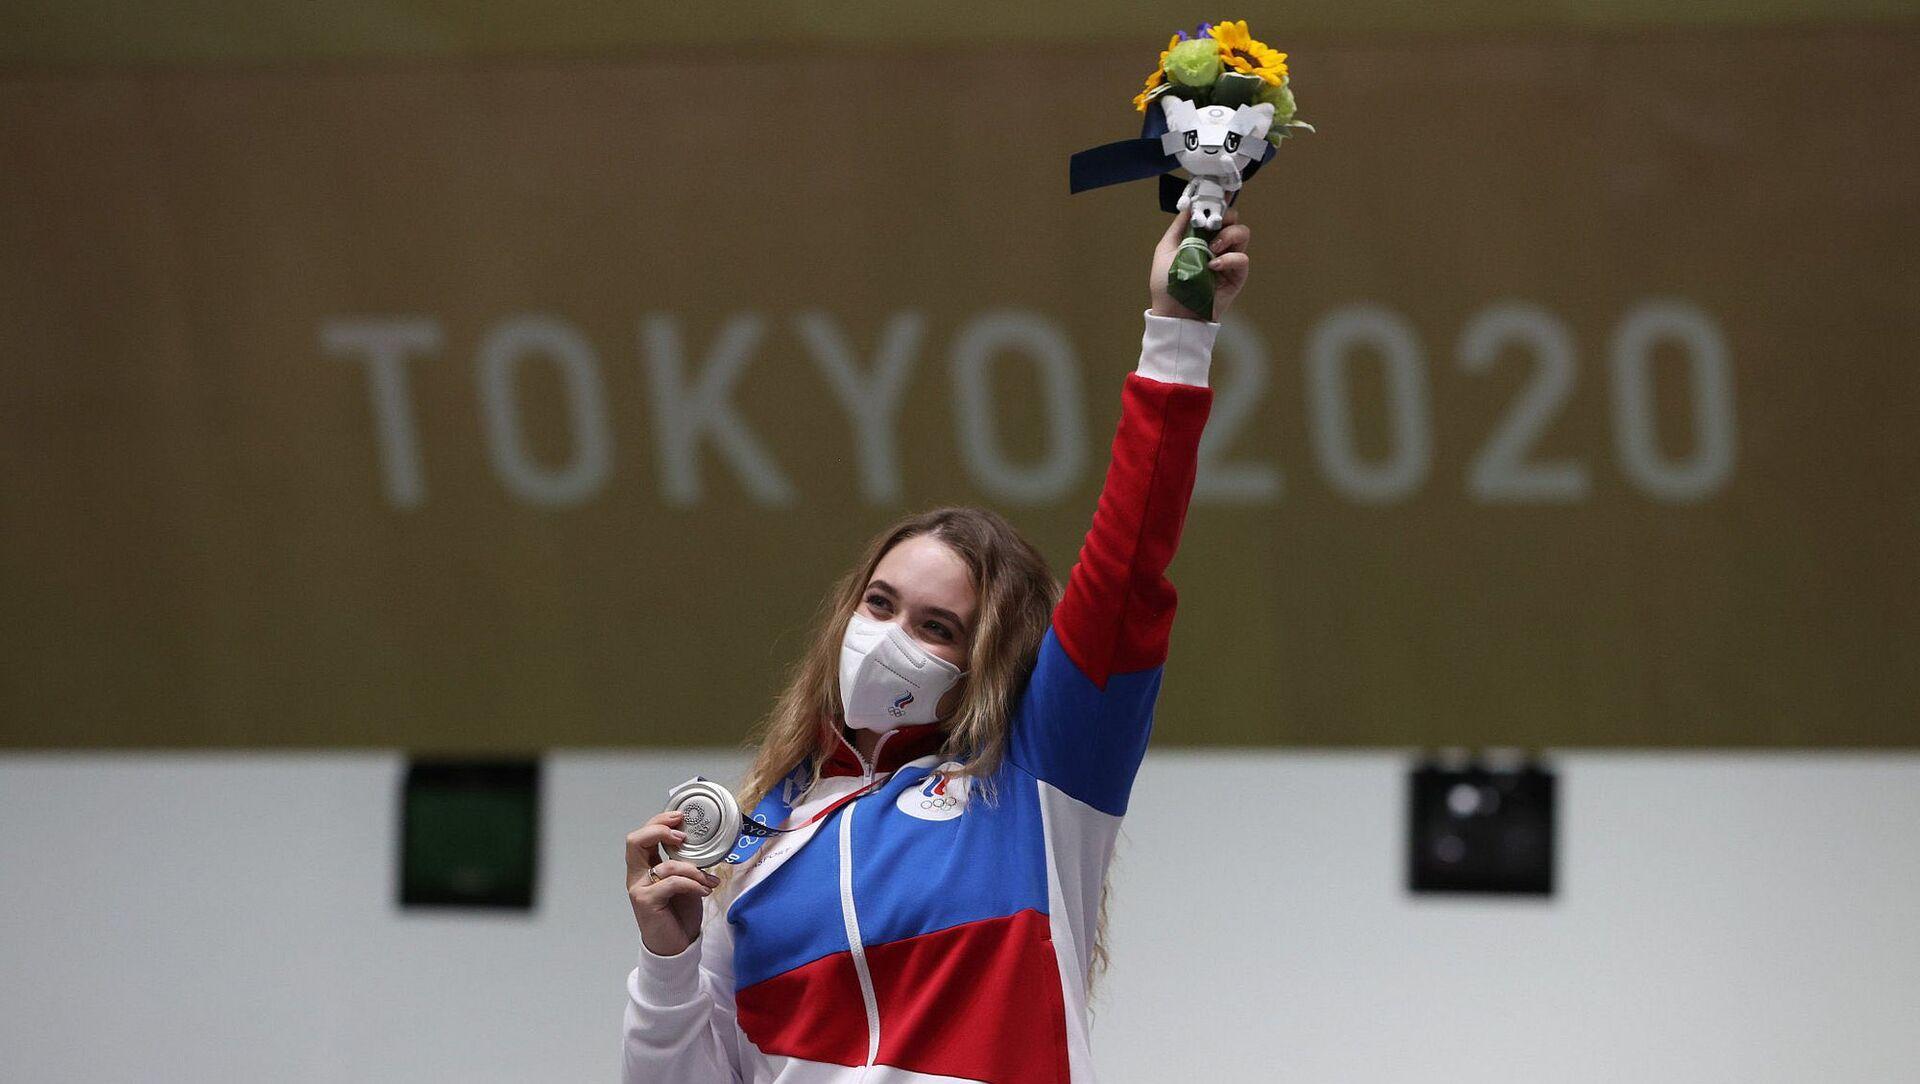 Tokyo Olimpiyatları'nda Rus ekibin ilk madalyası geldi - Sputnik Türkiye, 1920, 24.07.2021